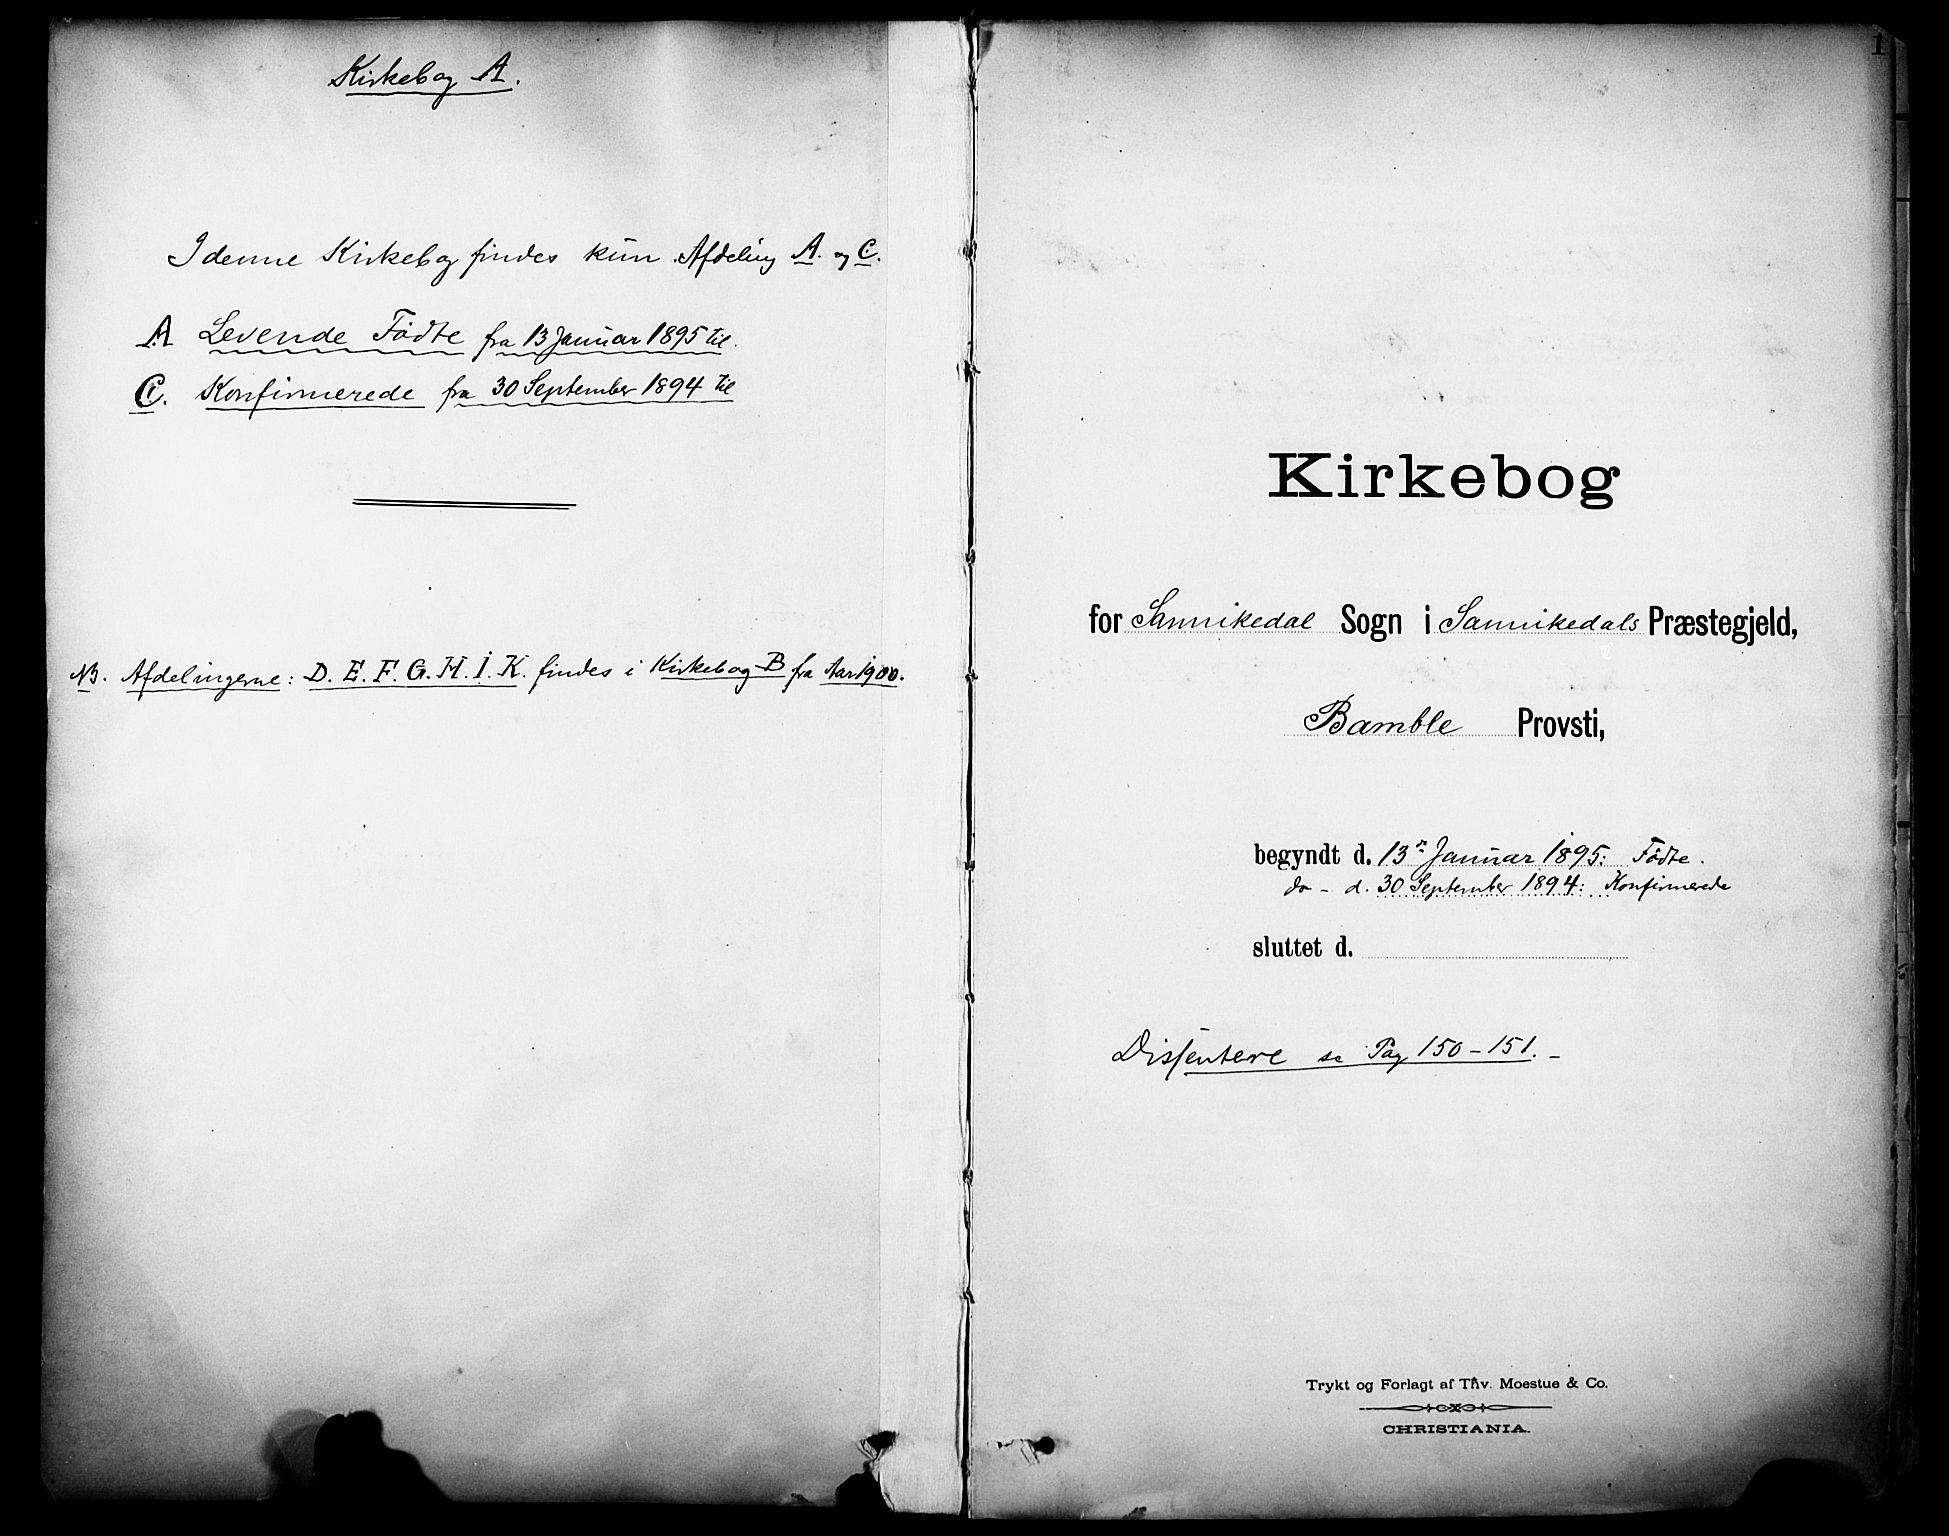 SAKO, Sannidal kirkebøker, F/Fa/L0016: Ministerialbok nr. 16, 1895-1911, s. 1